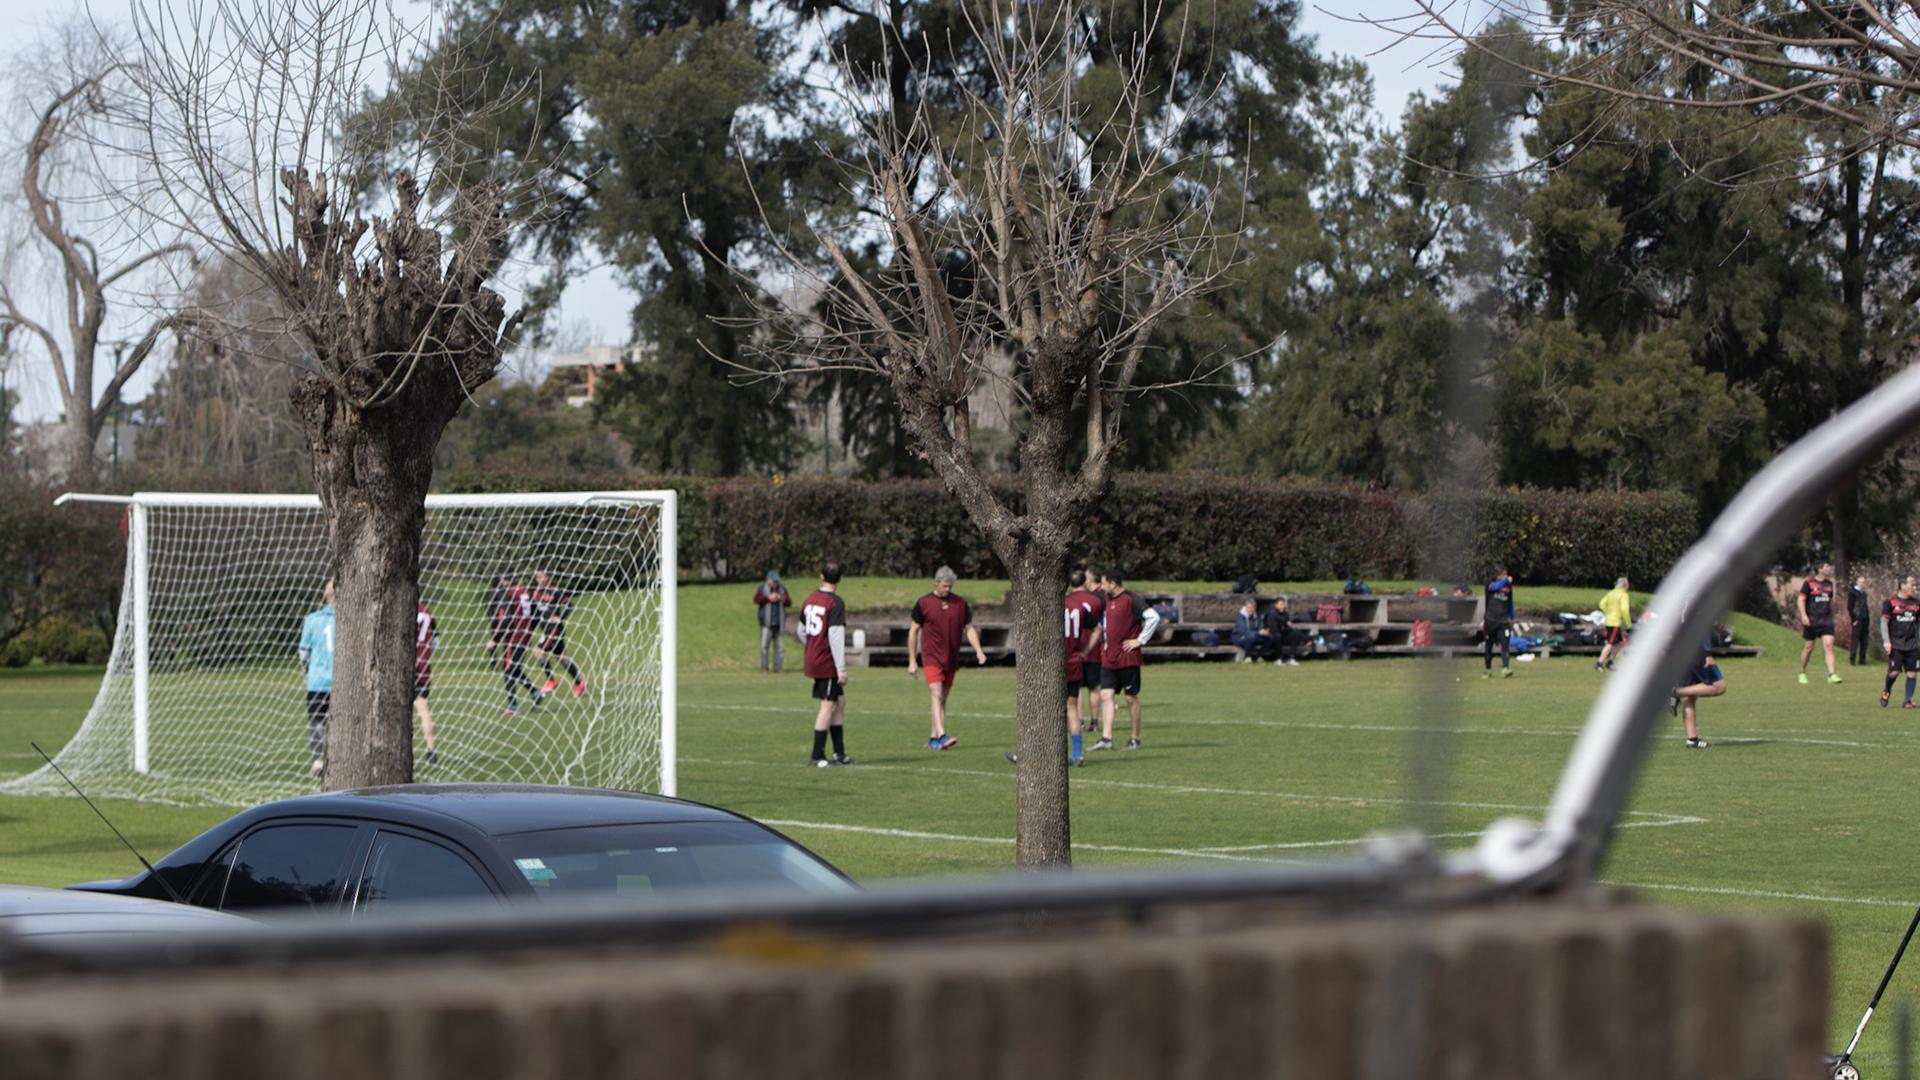 Pese a la reunión que encabezó el Presidente, Los Abrojos mantuvo su tradicional campeonato de fútbol